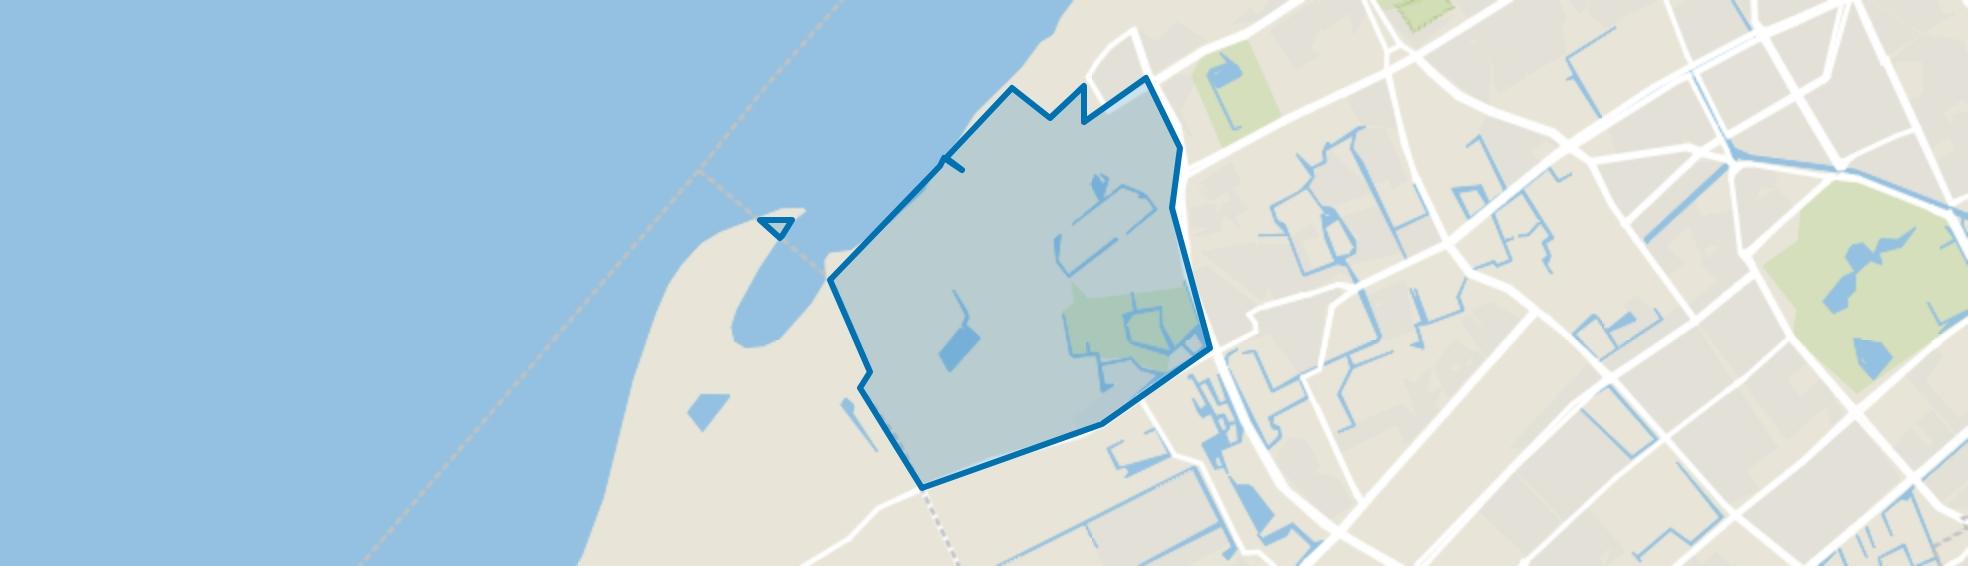 Ockenburgh, Den Haag map